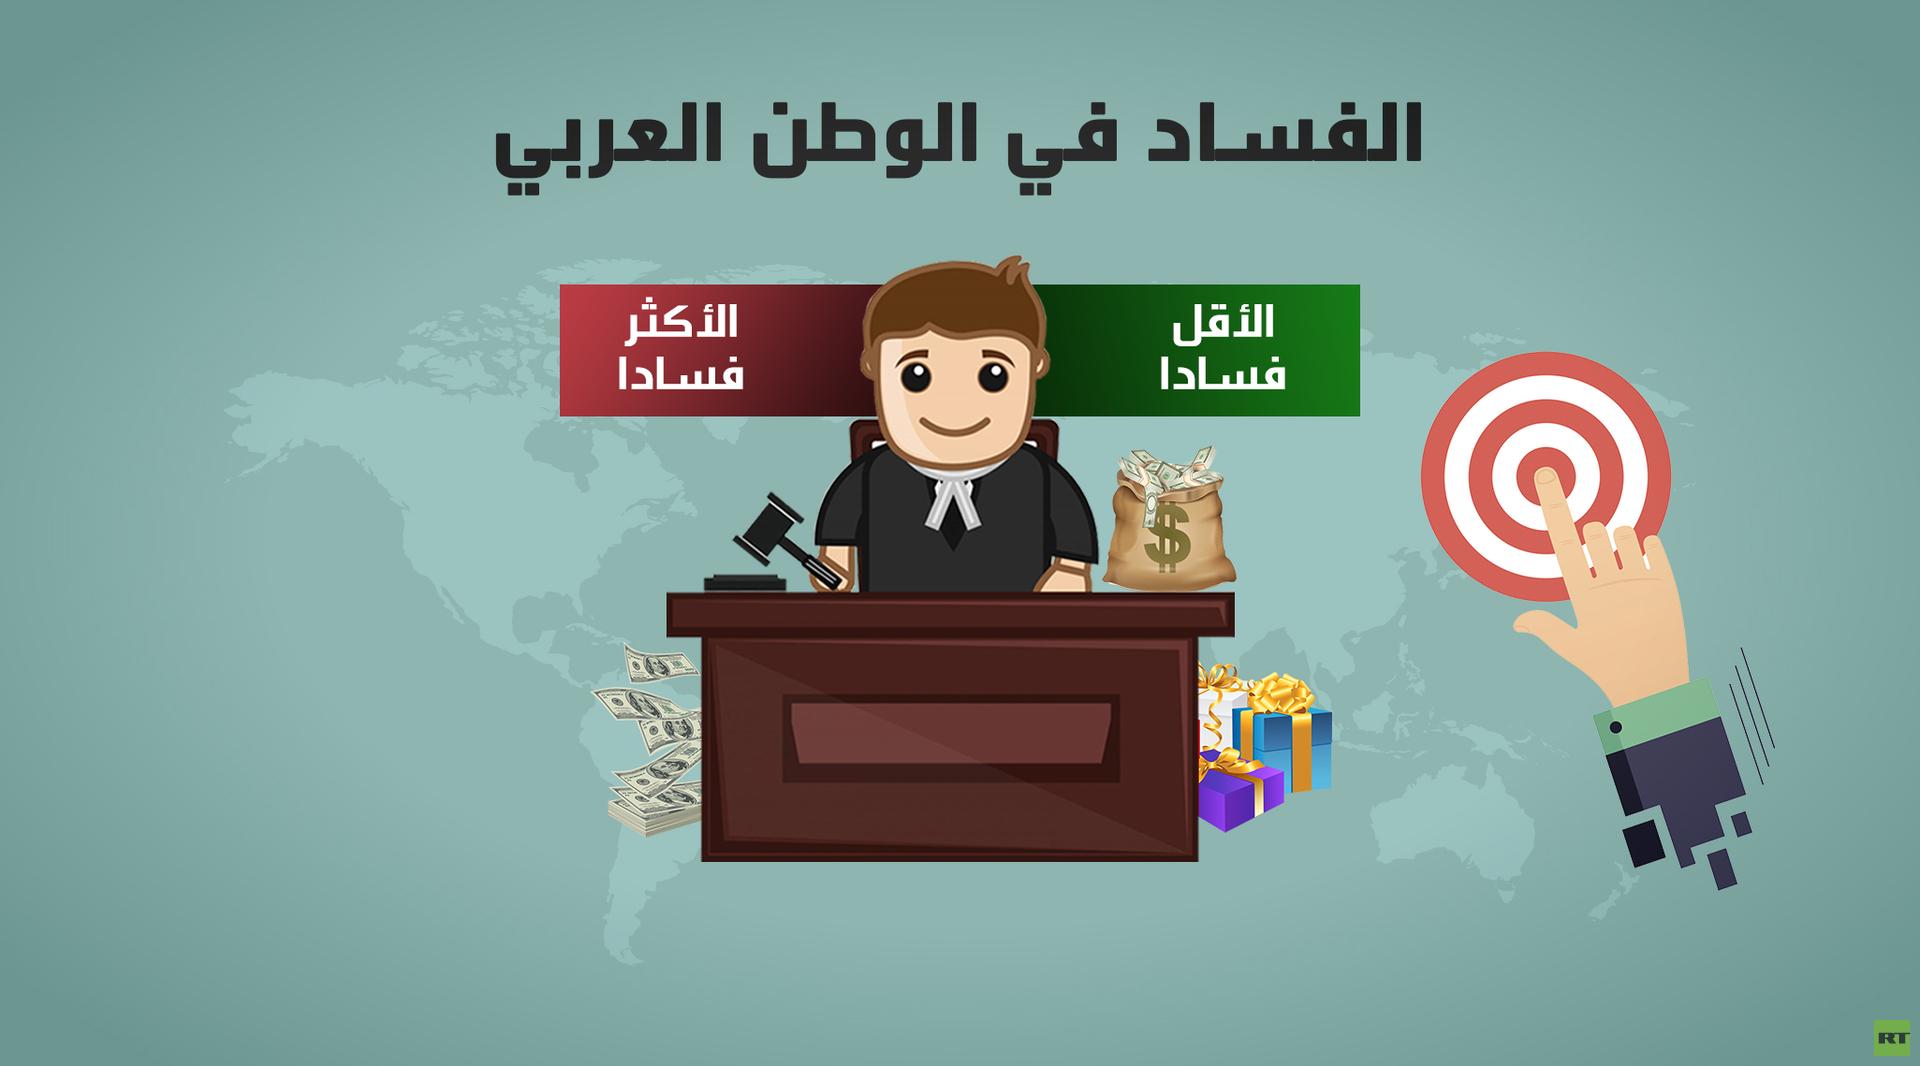 الفساد في الوطن العربي